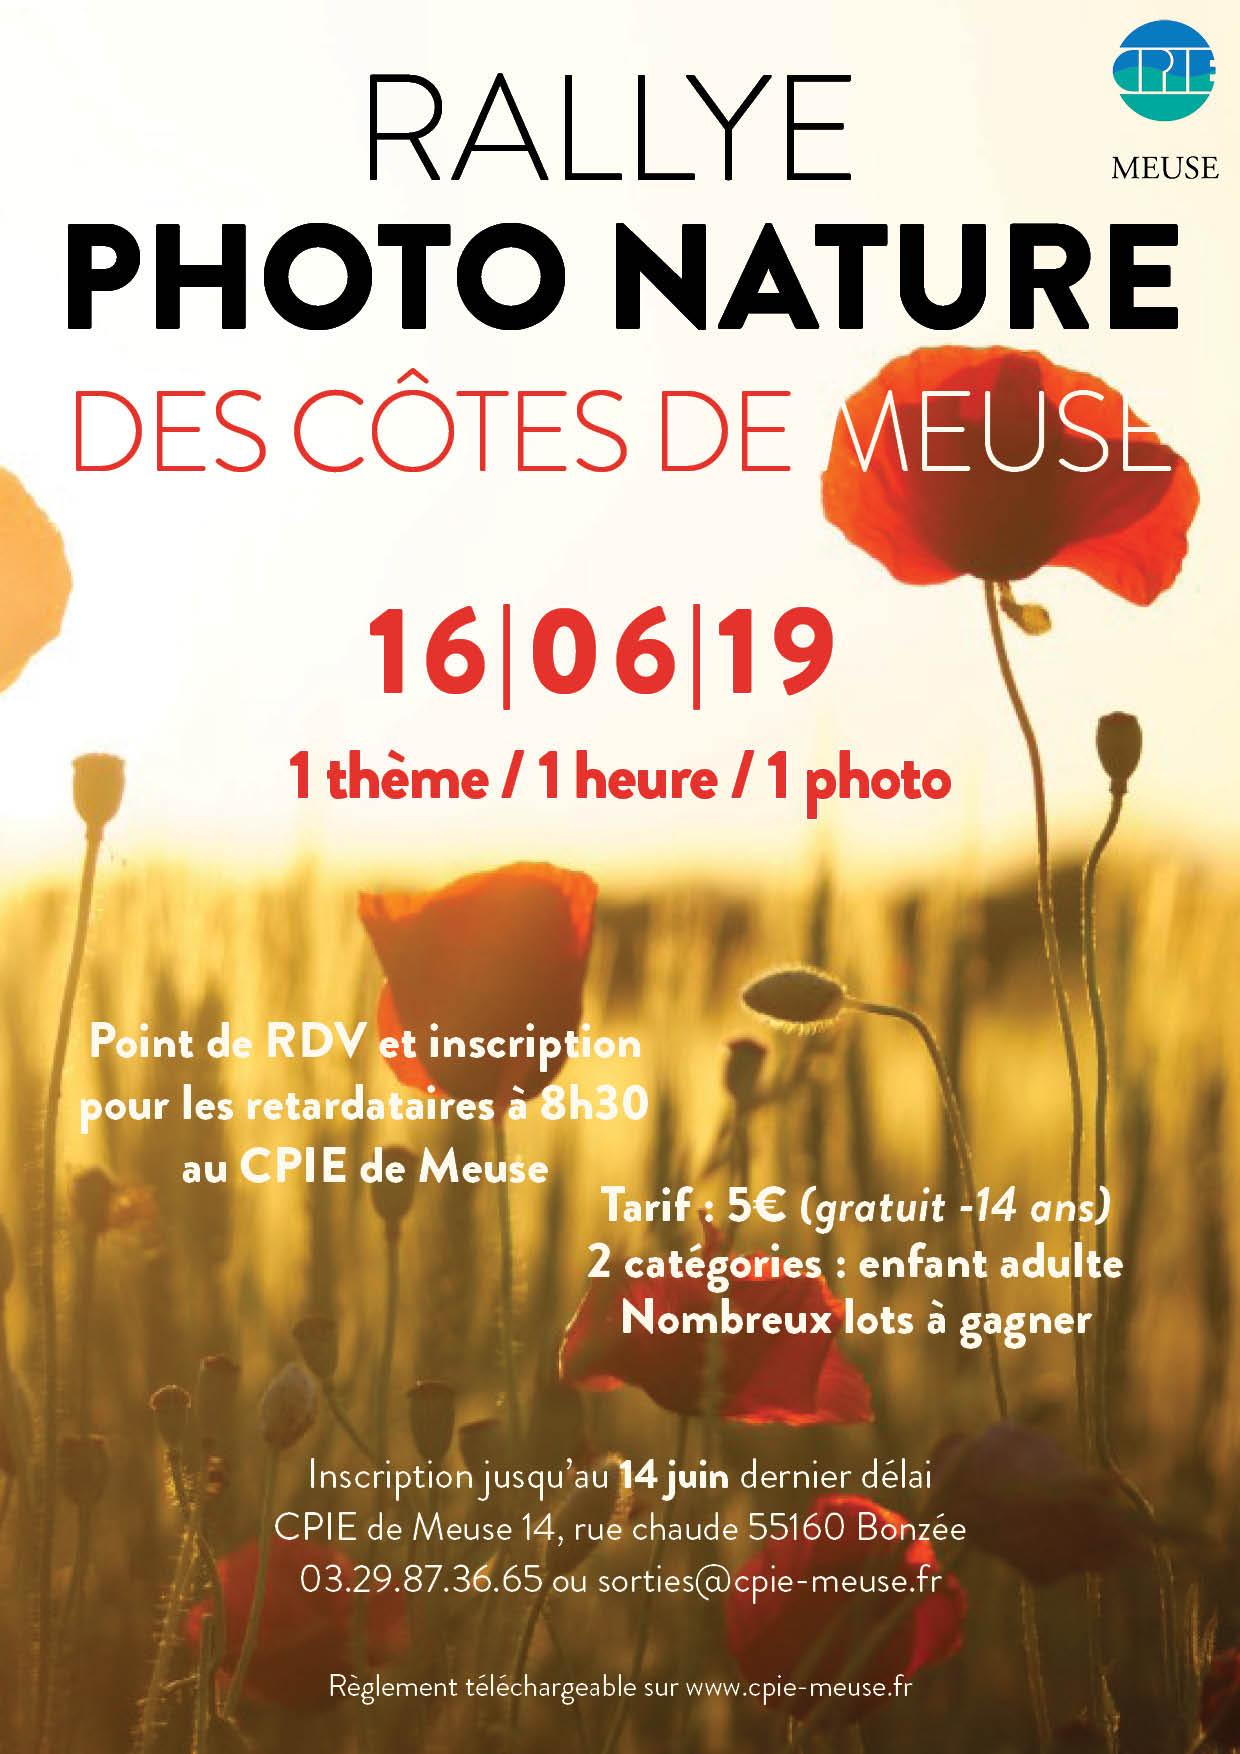 Rallye photo nature des Côtes-de-Meuse 2019